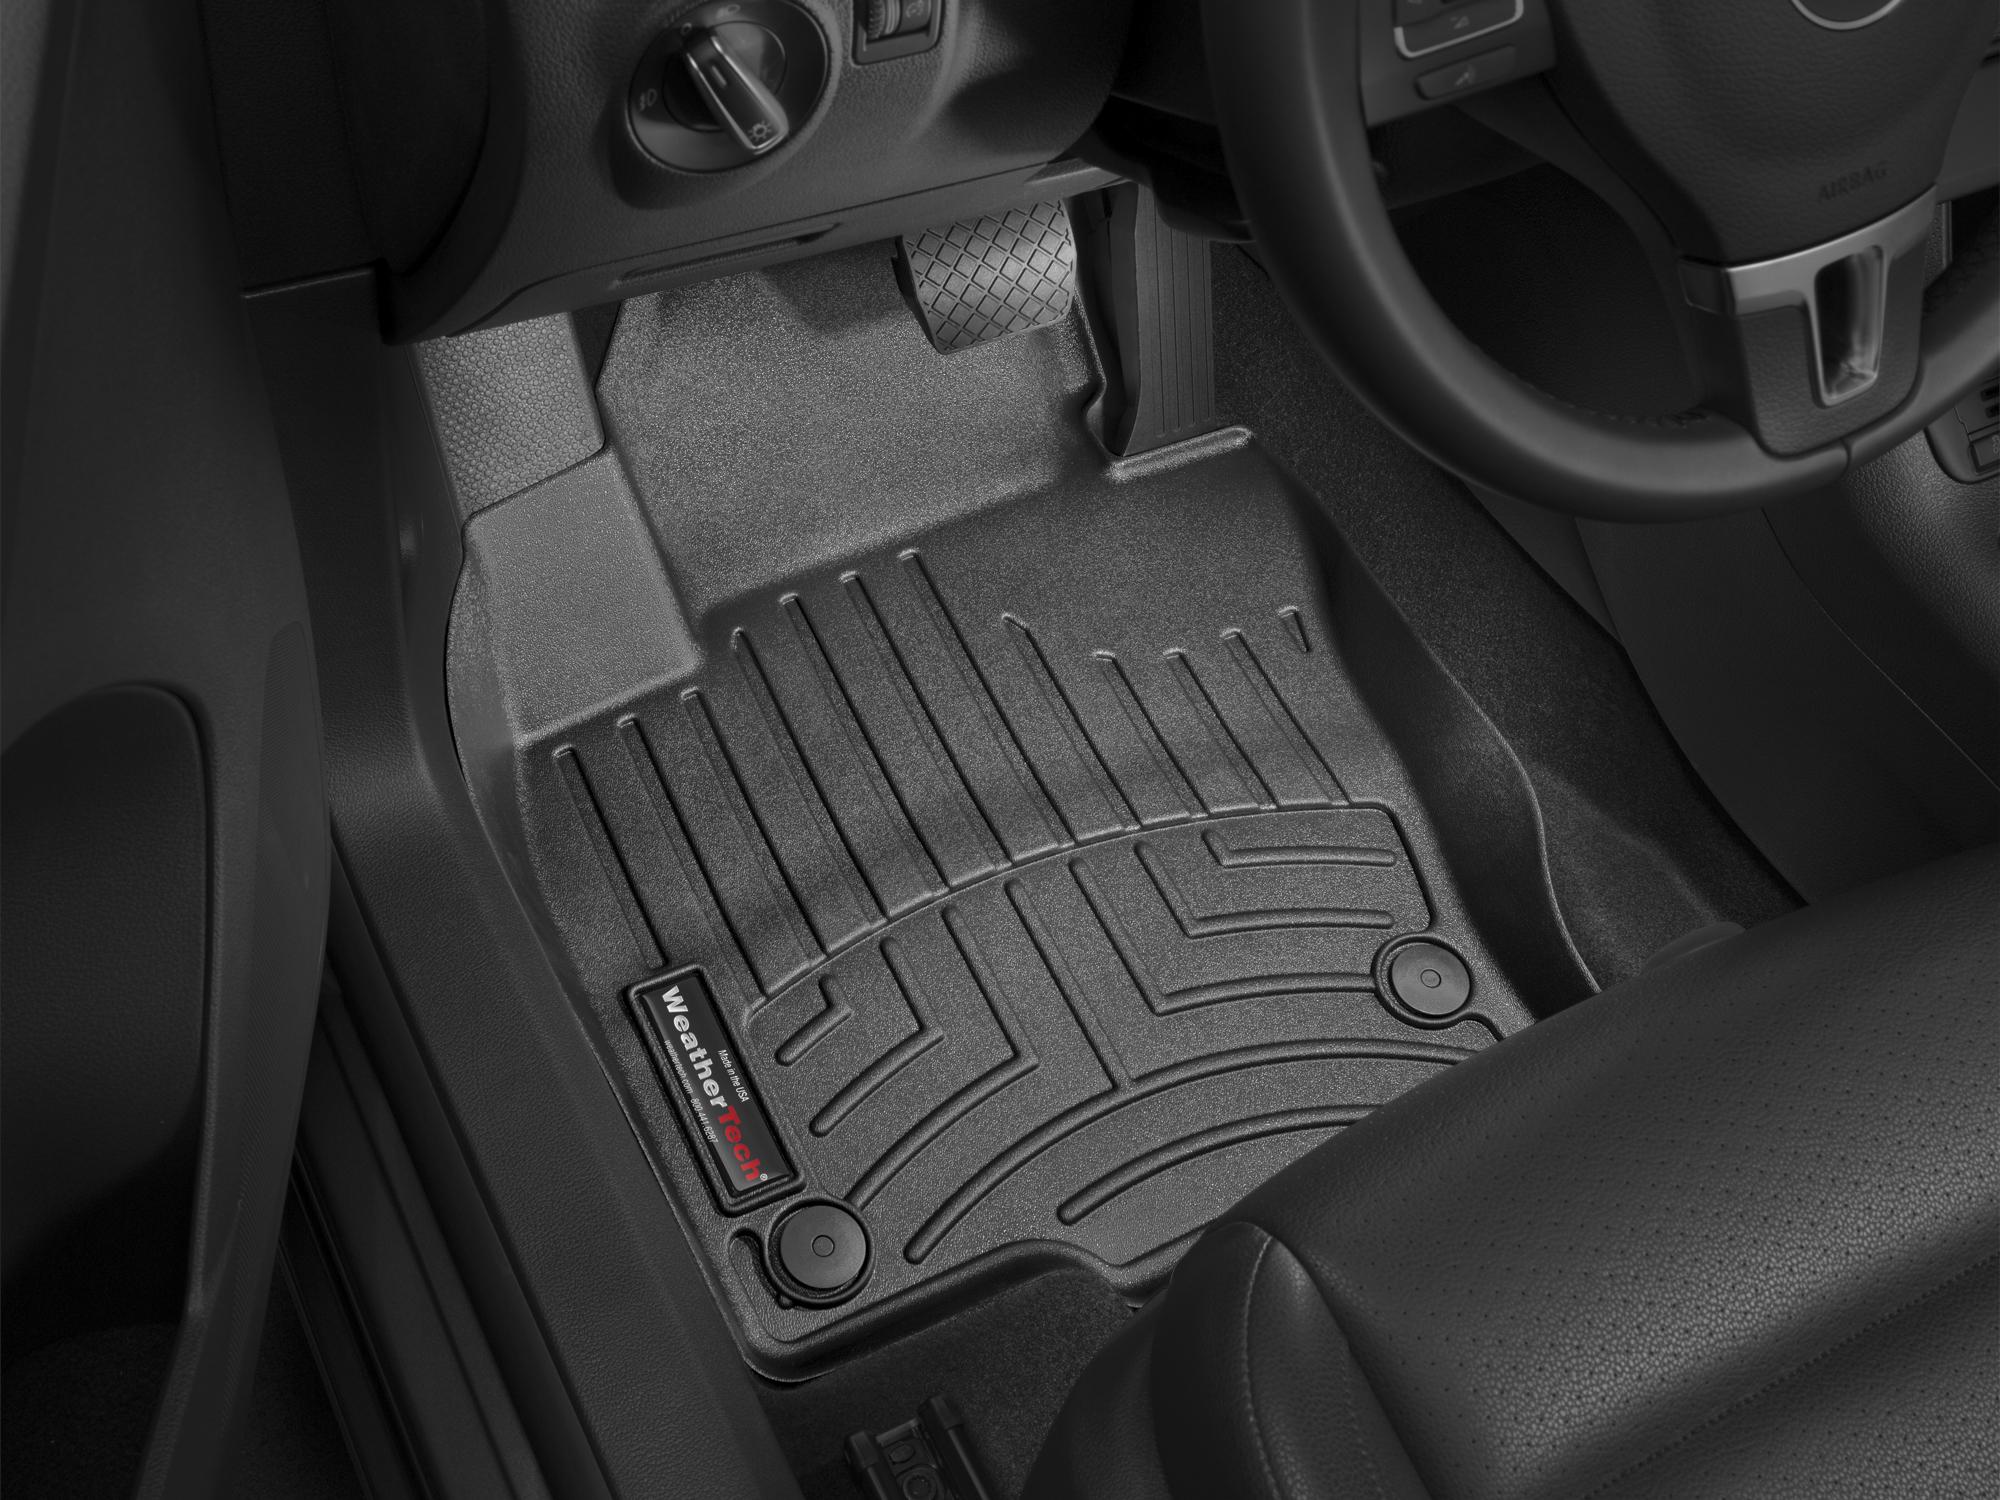 Tappeti gomma su misura bordo alto Volkswagen Tiguan 16>16 Nero A4272*